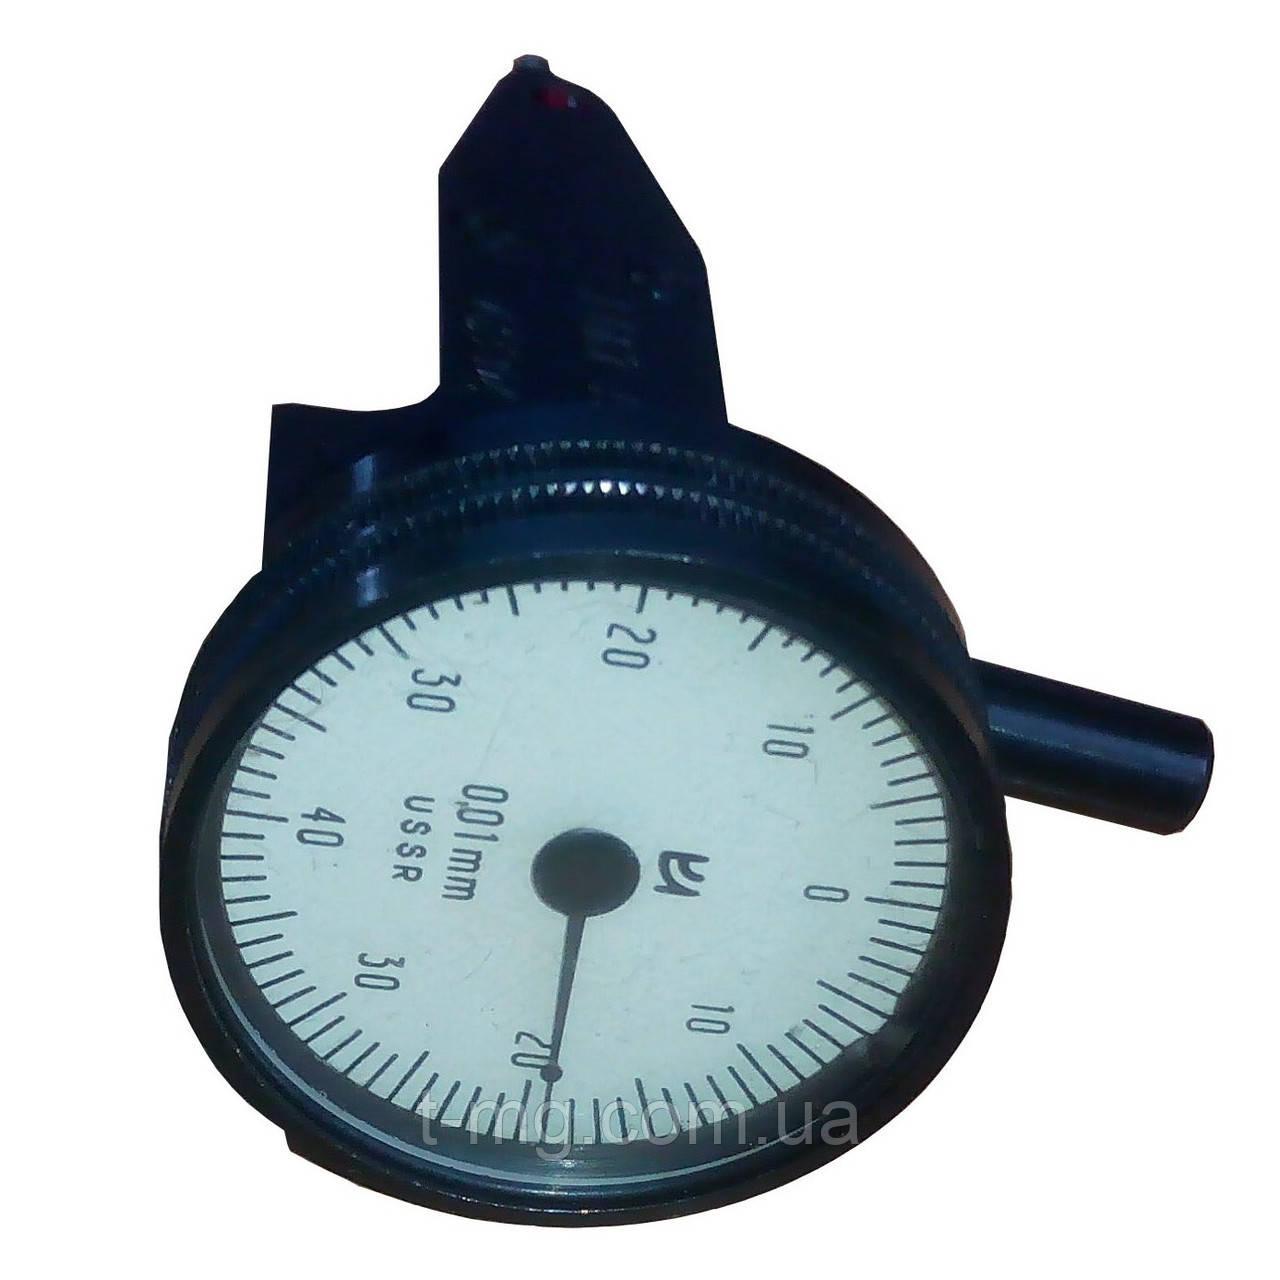 Индикатор измерительный ИРТ